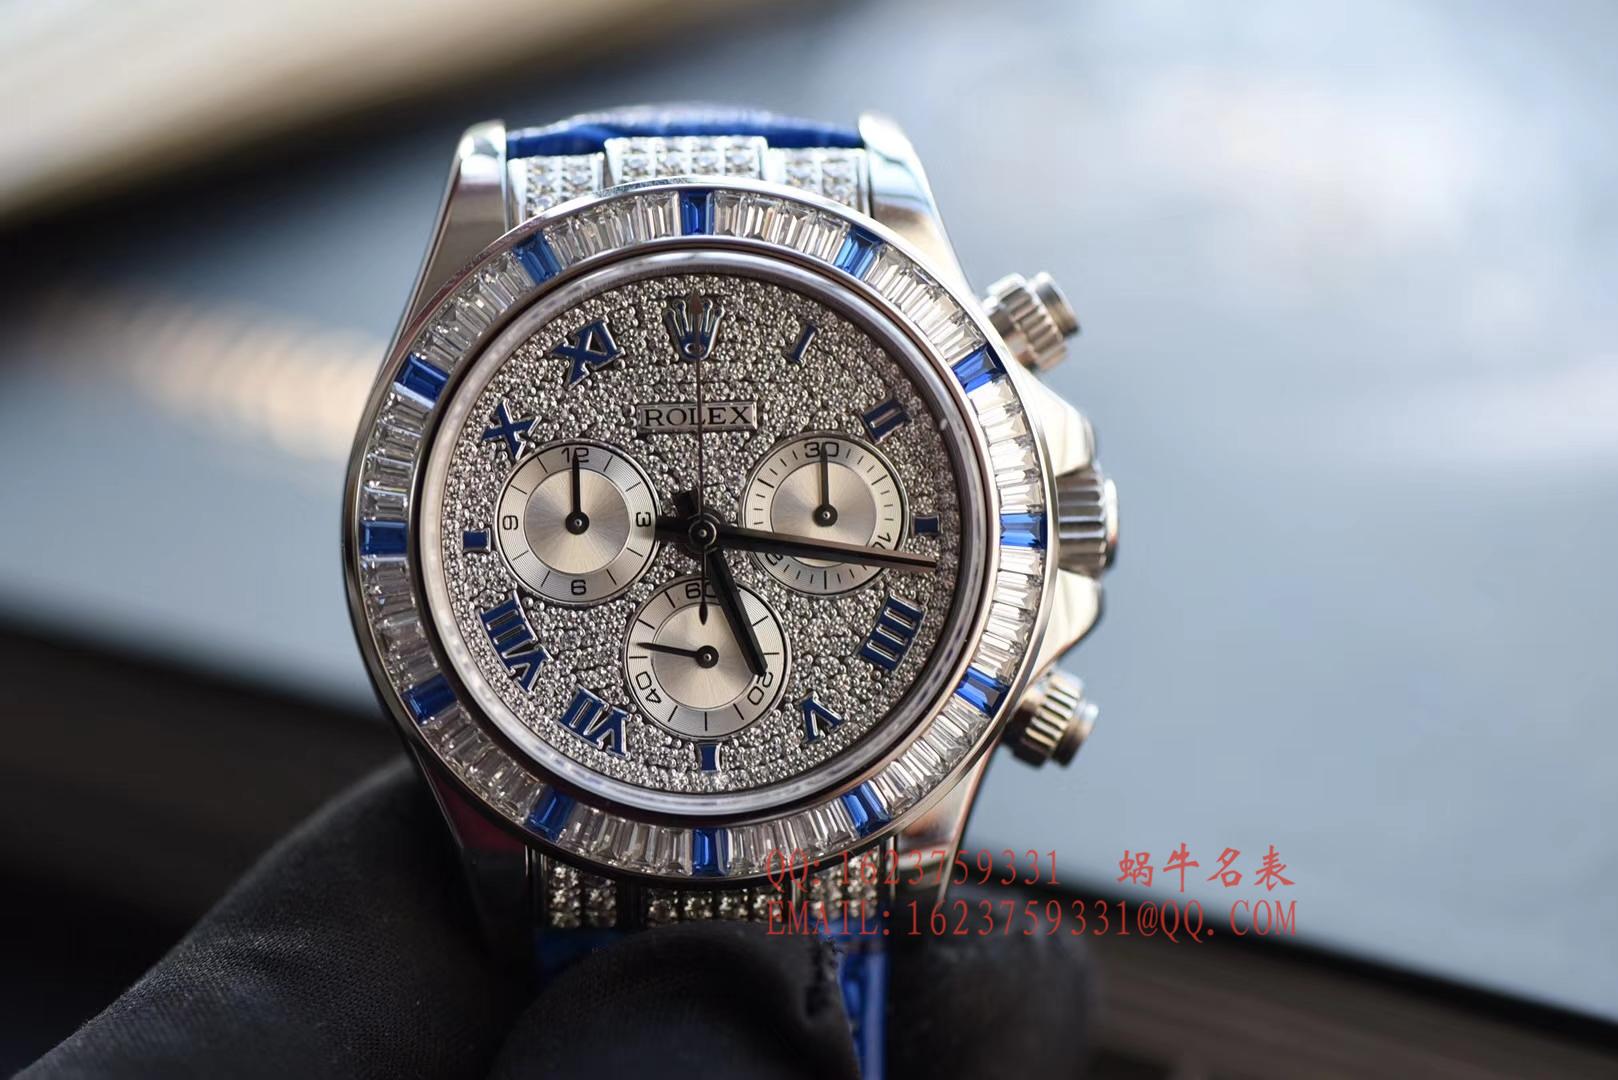 【台湾一比一高仿手表】劳力士宇宙计型迪通拿系列116599 12sa密镶钻表面配蓝珐琅罗马数字腕表 / RBD201